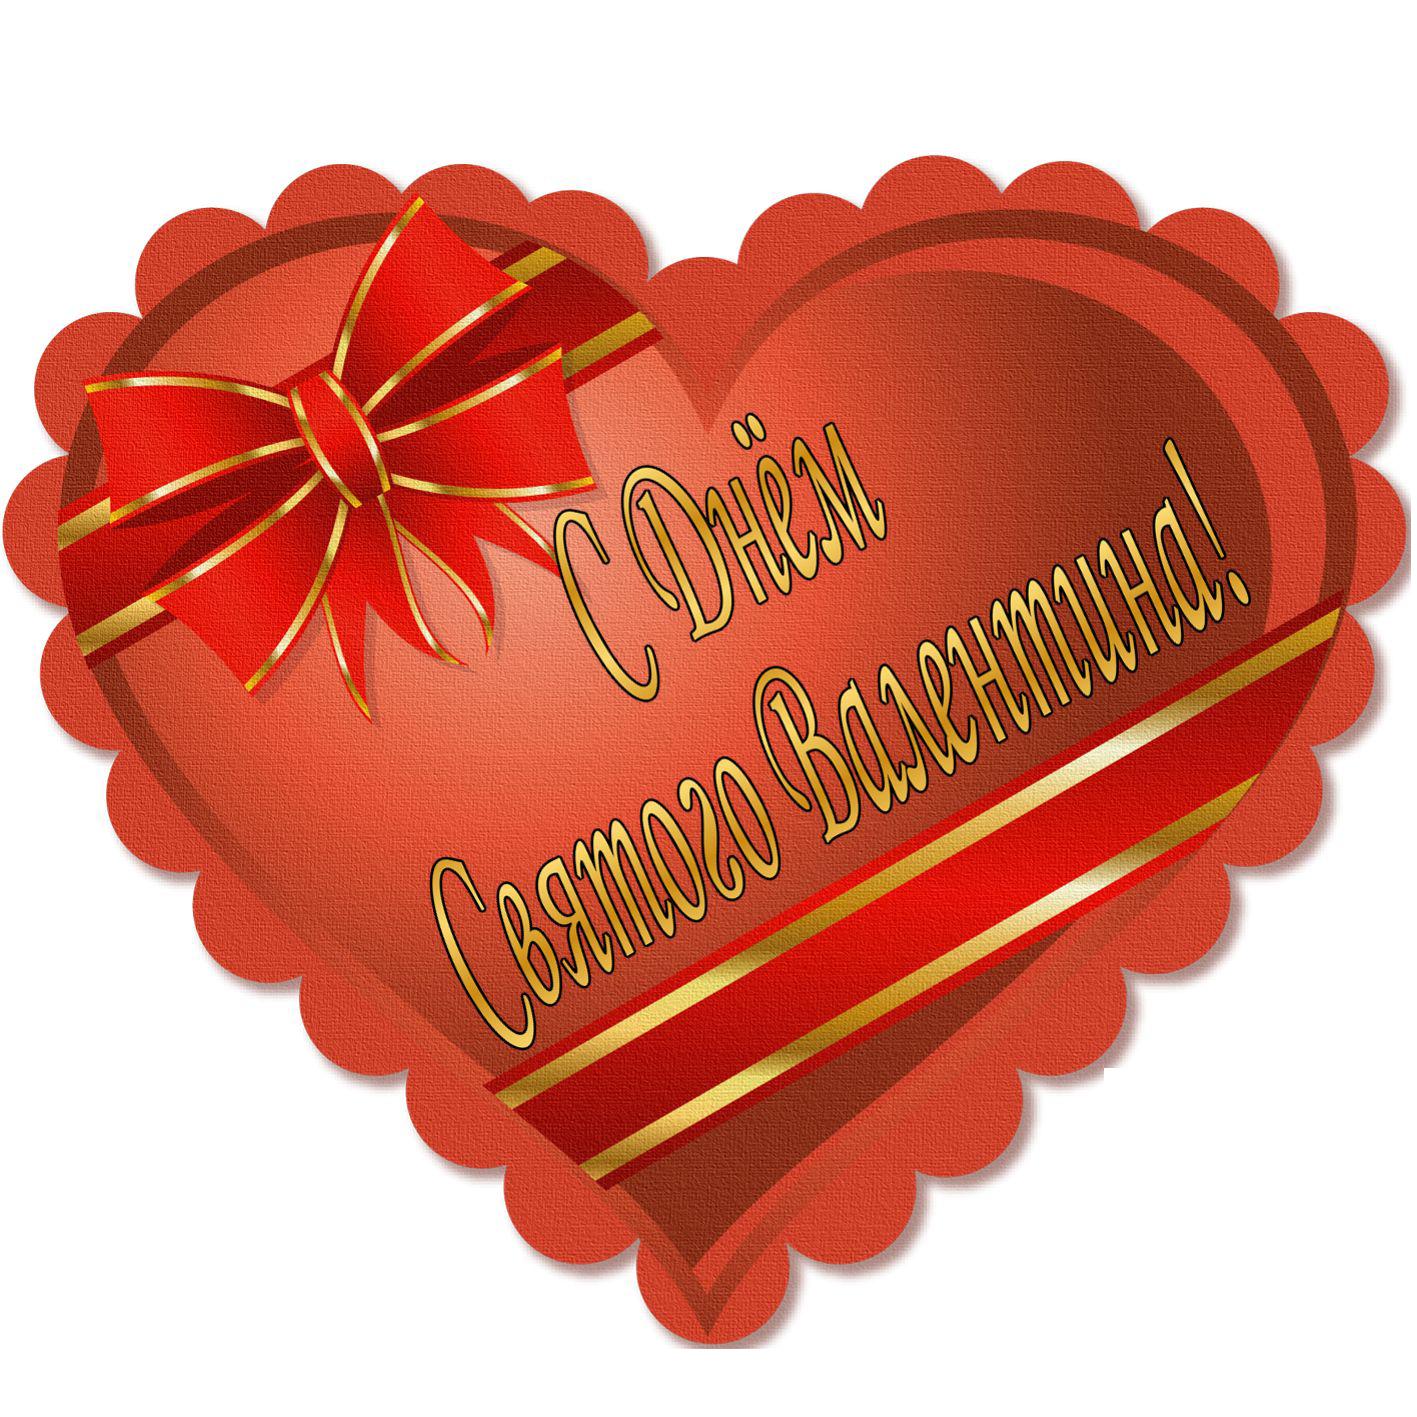 Юбилеем, красивые открытки в виде сердечка